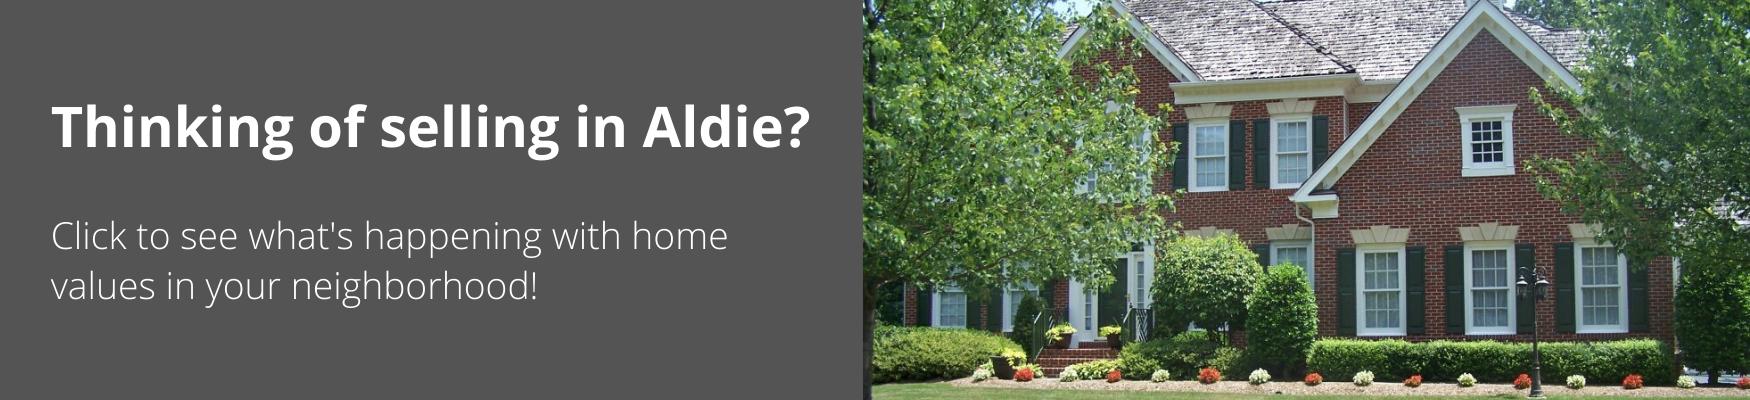 Sell your Aldie home, Aldie market update